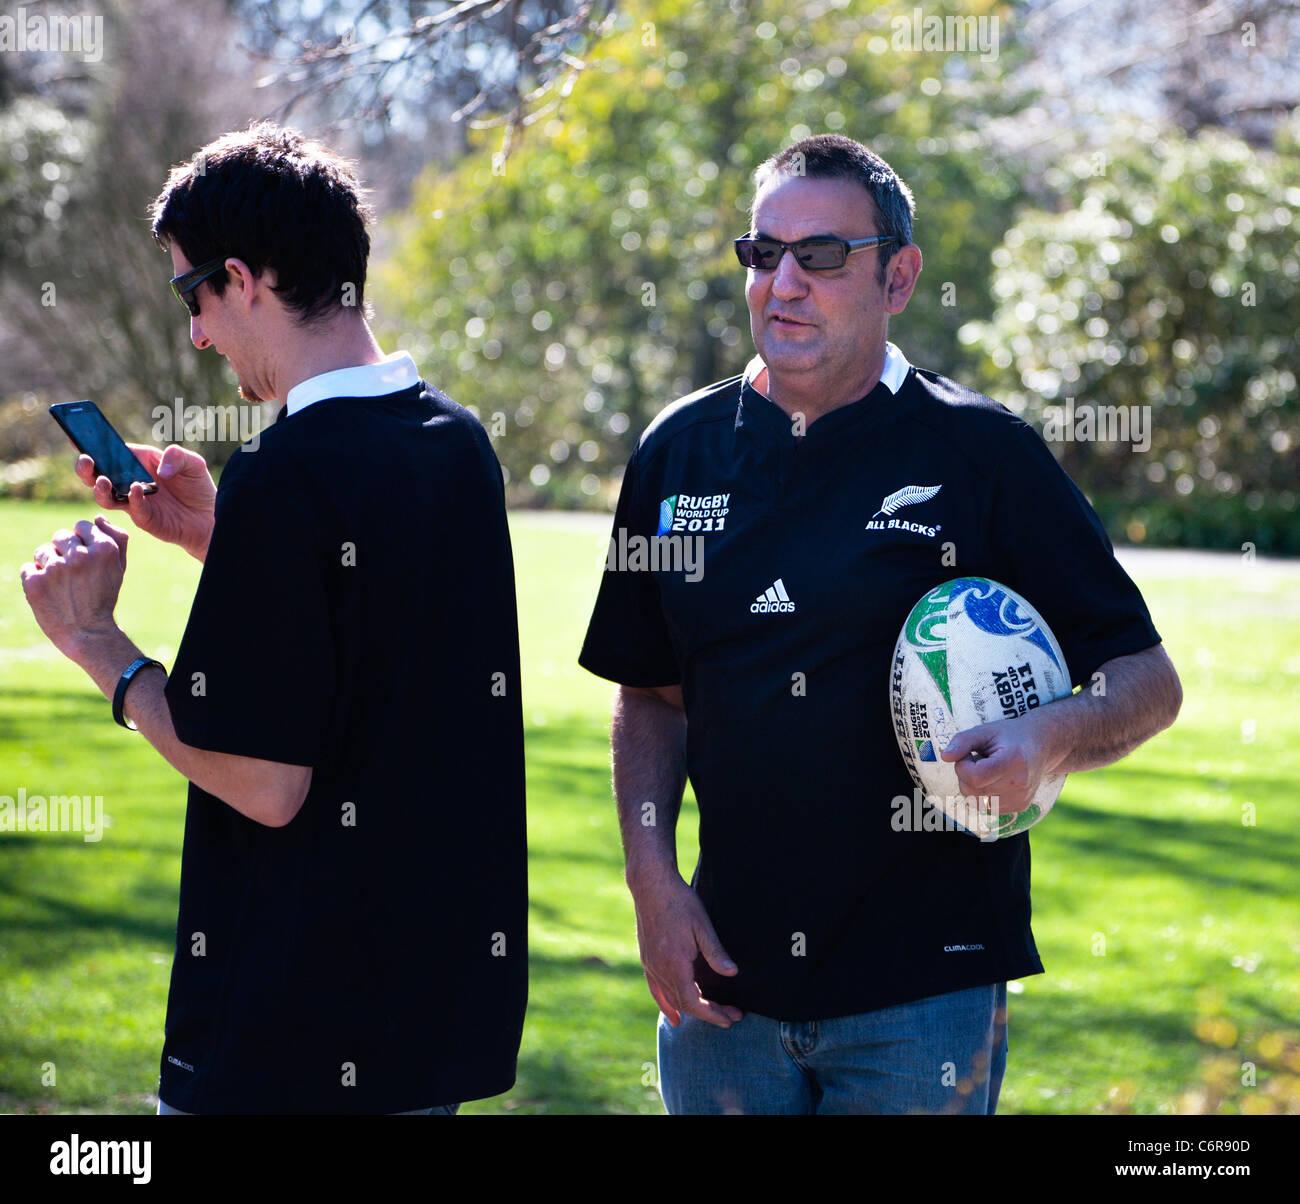 Dos Rugby World Cup 2011 simpatizantes portando Nueva Zelanda All Blacks camisetas. Uno sosteniendo un balón Imagen De Stock